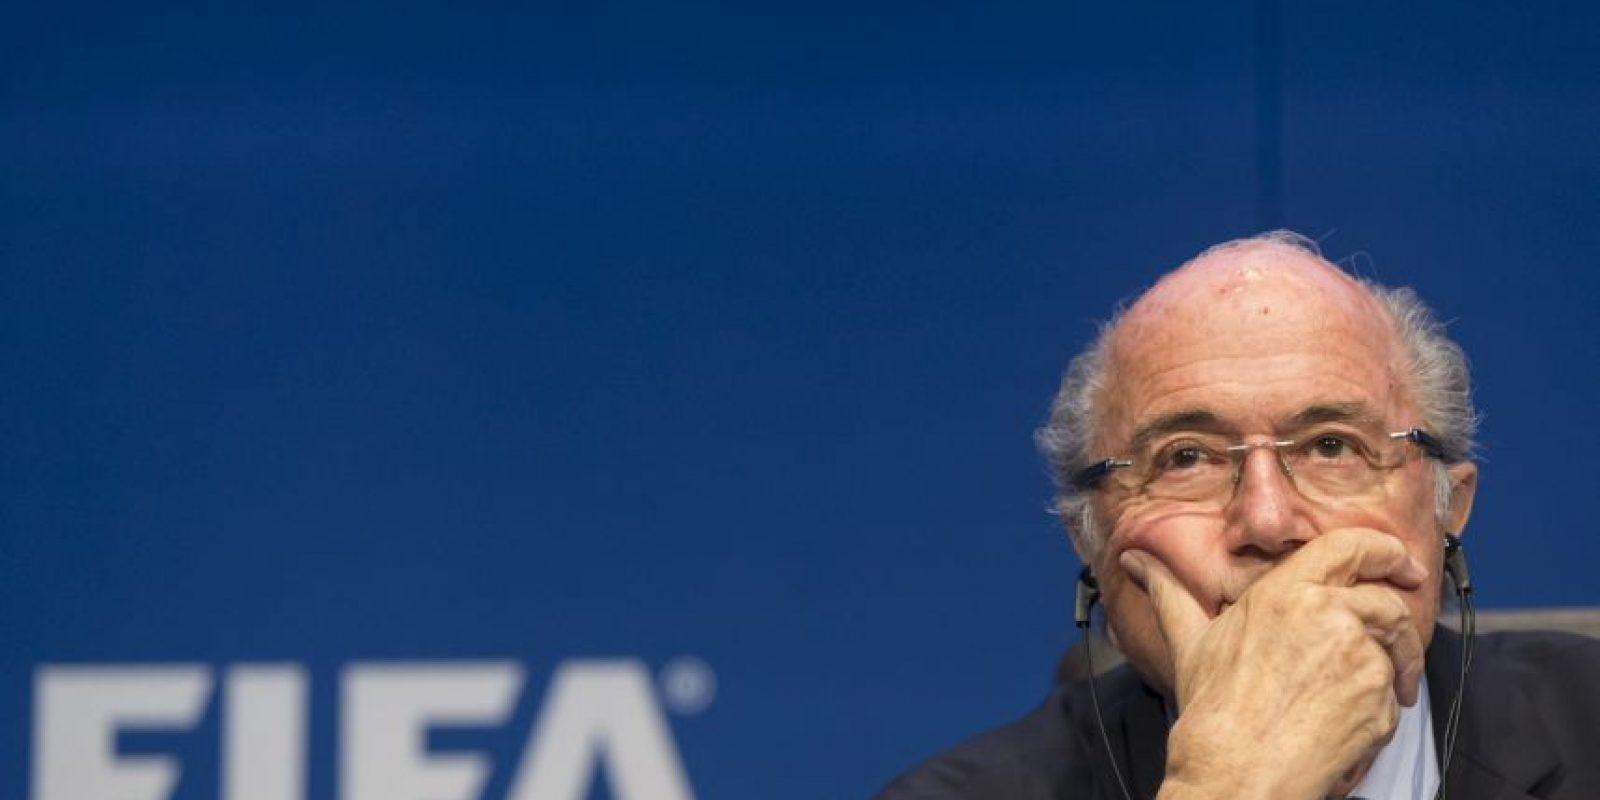 De acuerdo al periodista Darren Rovell, de ESPN, Blatter ya está siendo investigado. Foto:Getty Images